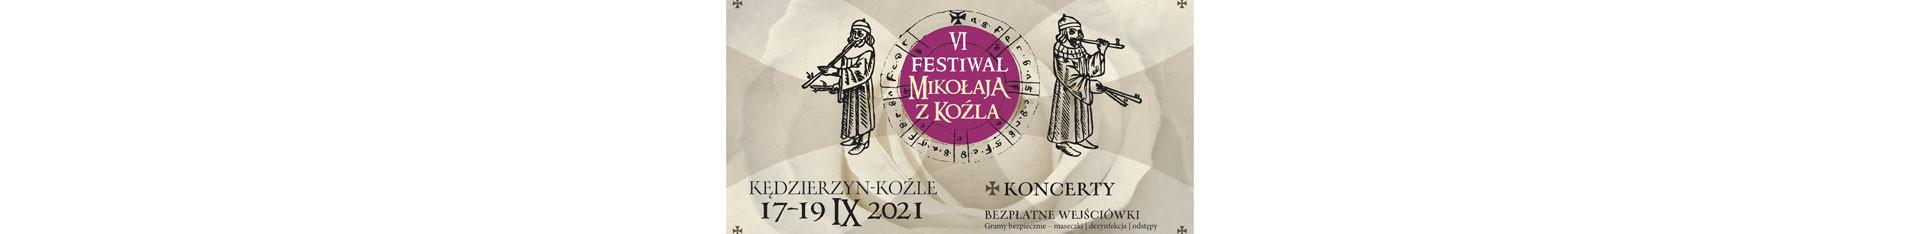 Festiwal Mikołaja z Koźla